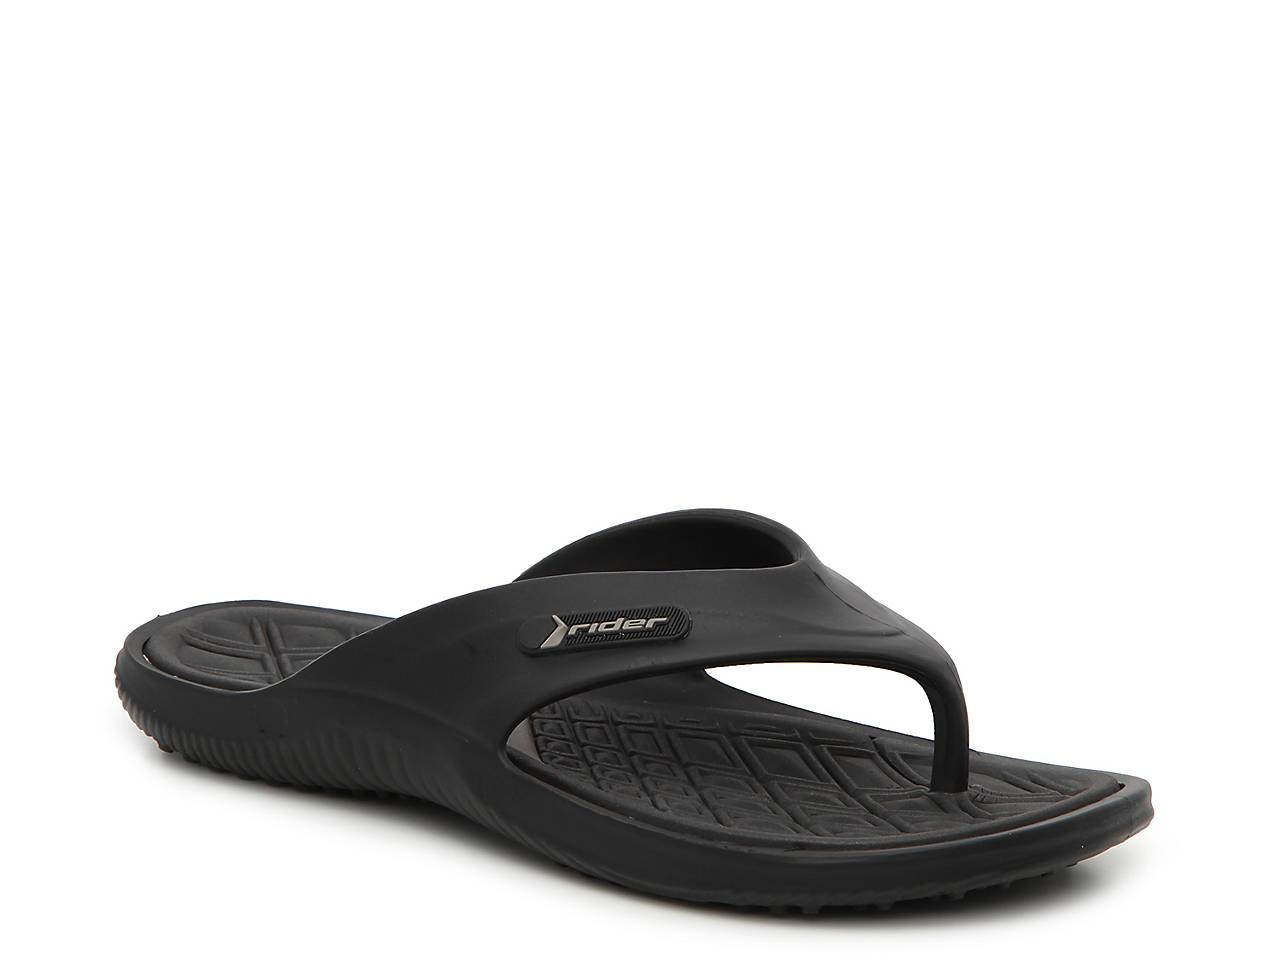 4529bab5eeff Rider Cape X Flip Flop Men s Shoes